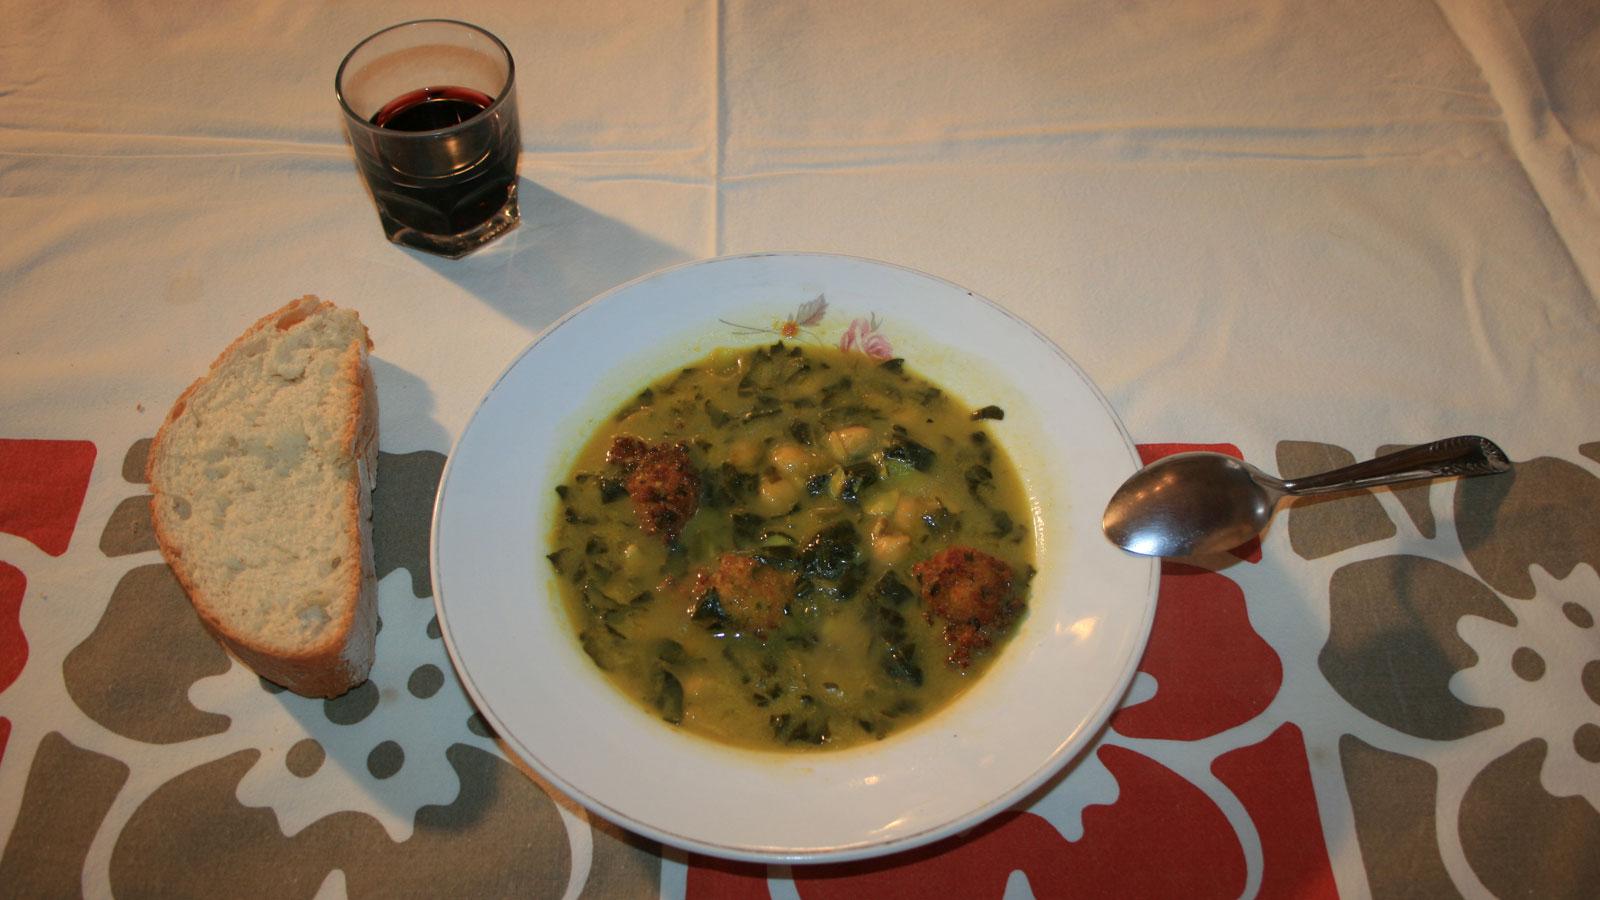 Potaje de garbanzos canal cocina receta canal cocina for Chema de isidro canal cocina